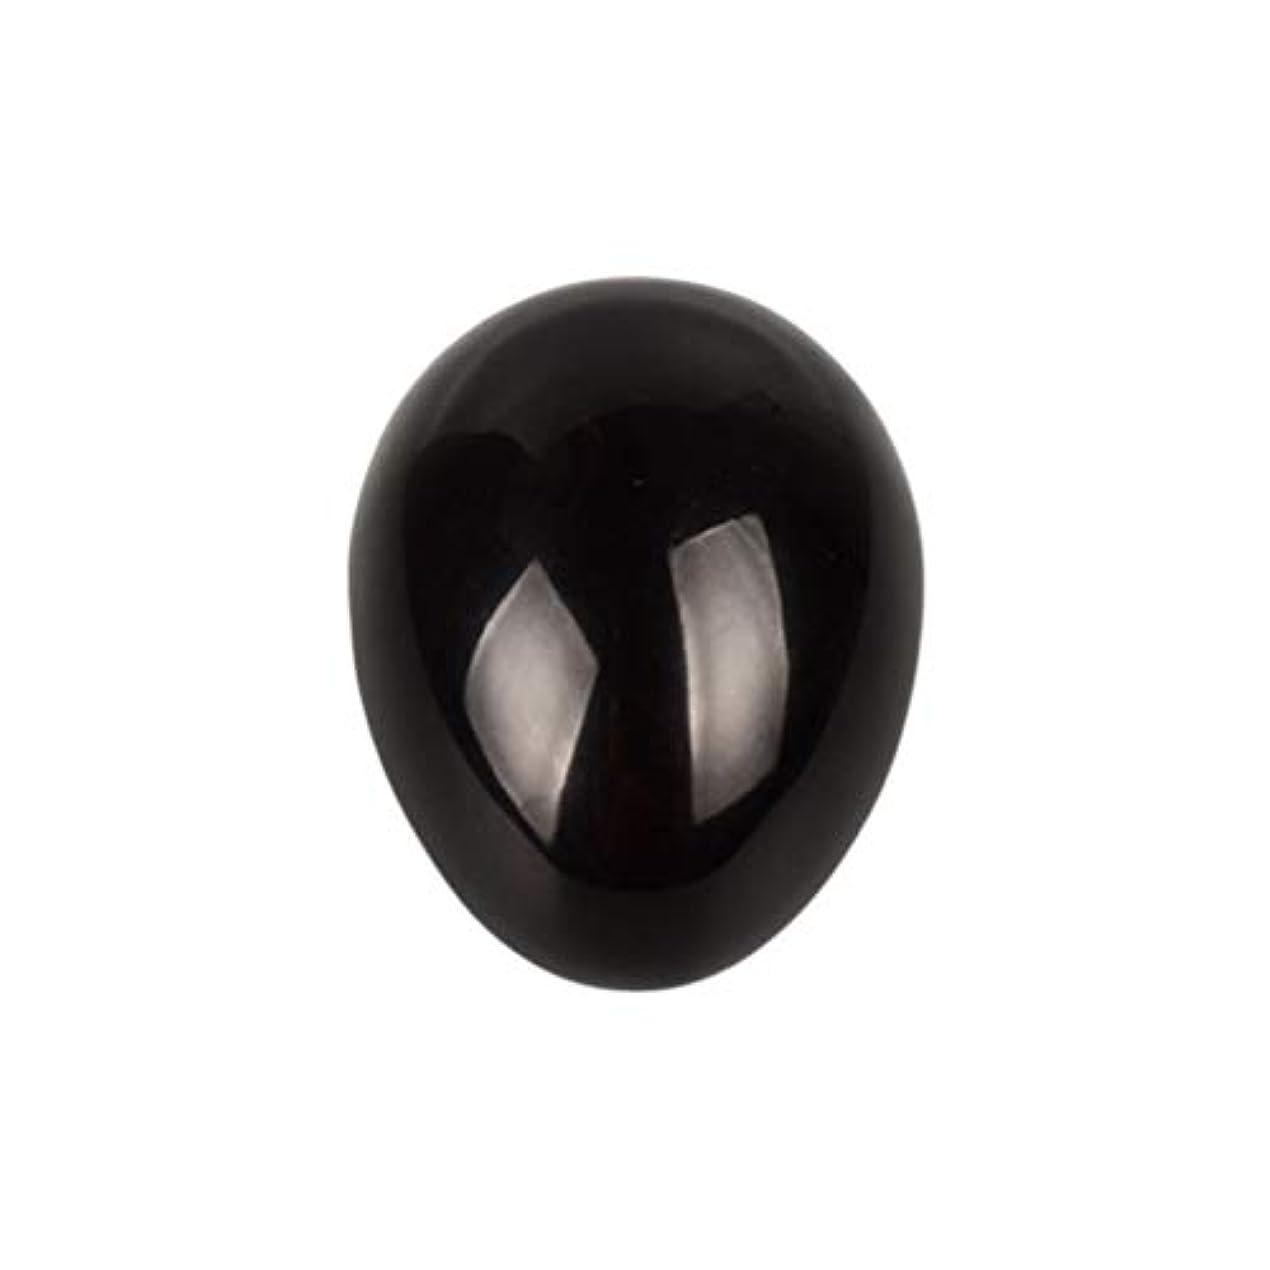 と通行料金傀儡HEALIFTY 黒曜石の癒し瞑想のための黒曜石の卵球